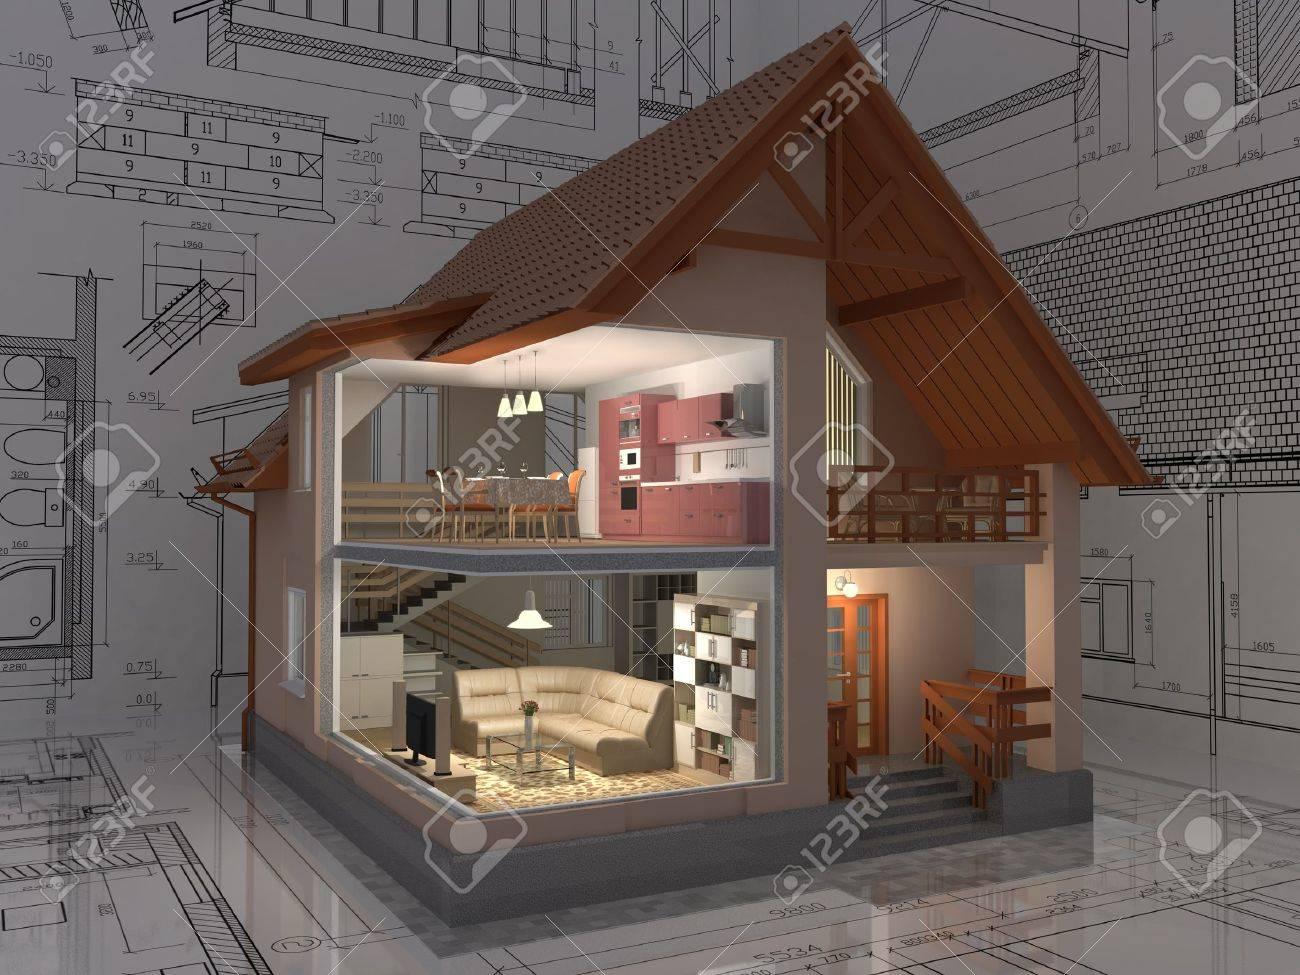 logiciel dessin maison 3d gratuit francais. free cool logiciel ... - Logiciel Dessin Maison 3d Gratuit Francais